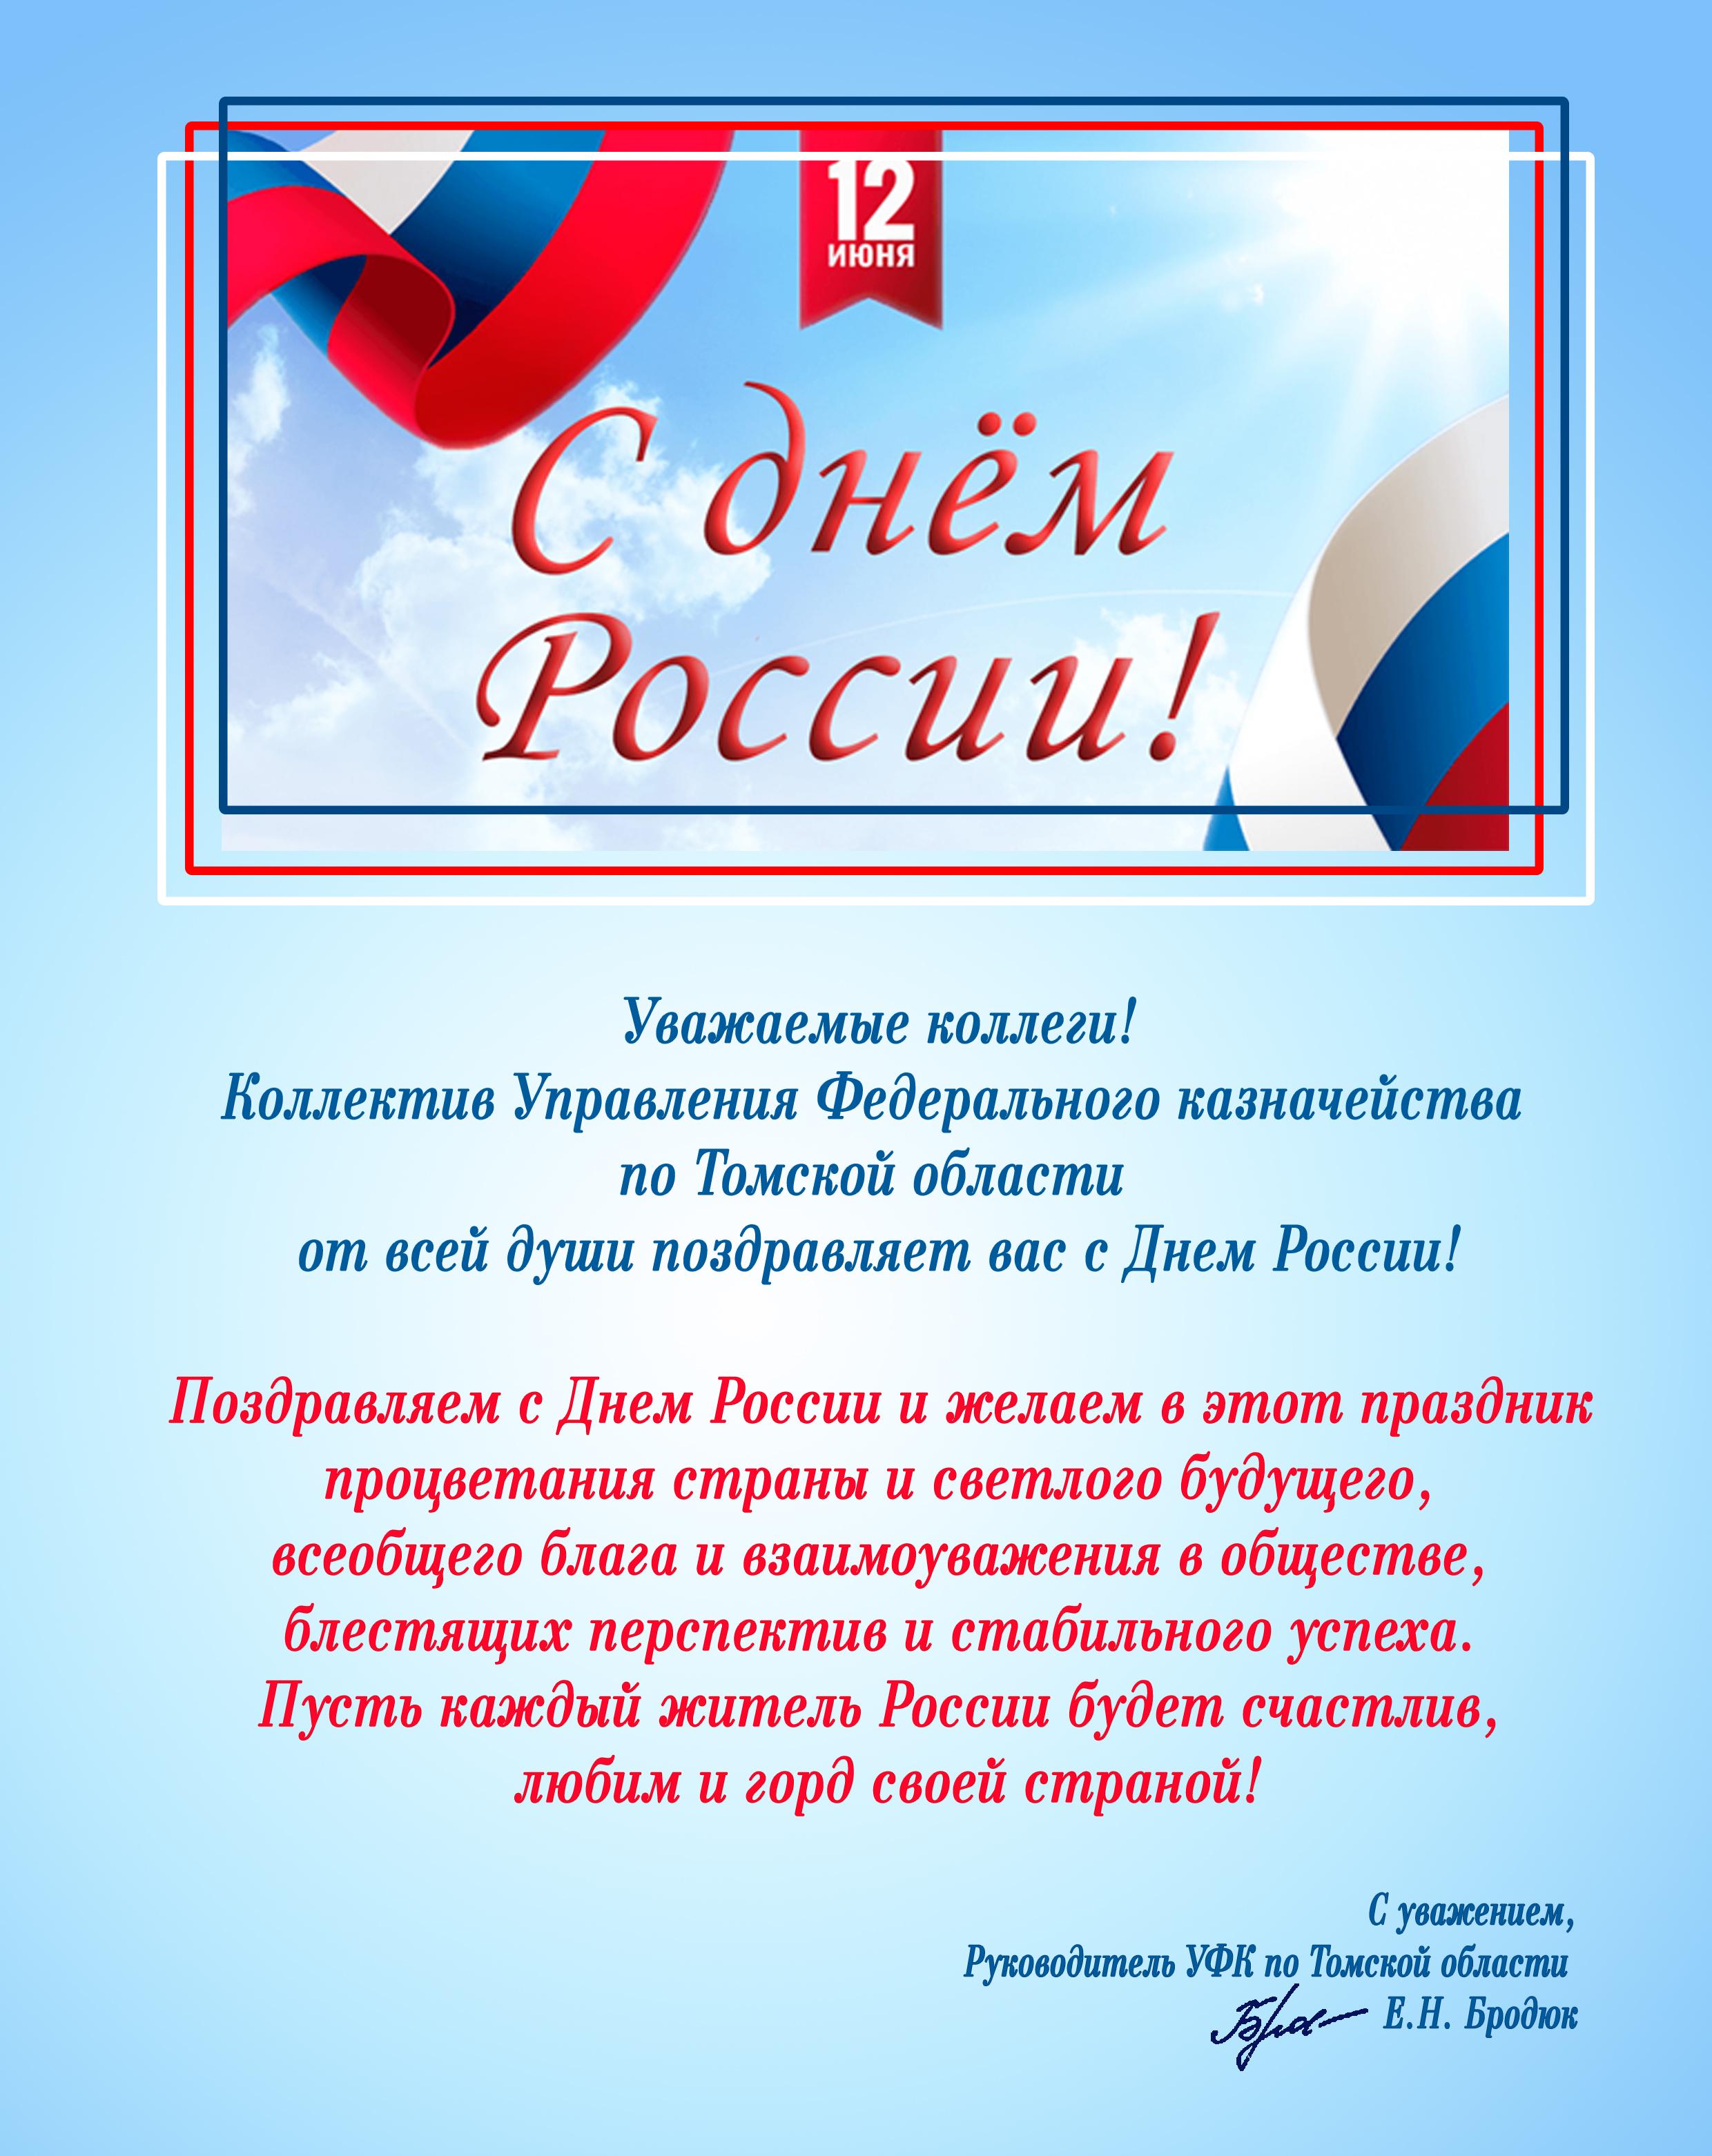 Поздравления на день россии от глав